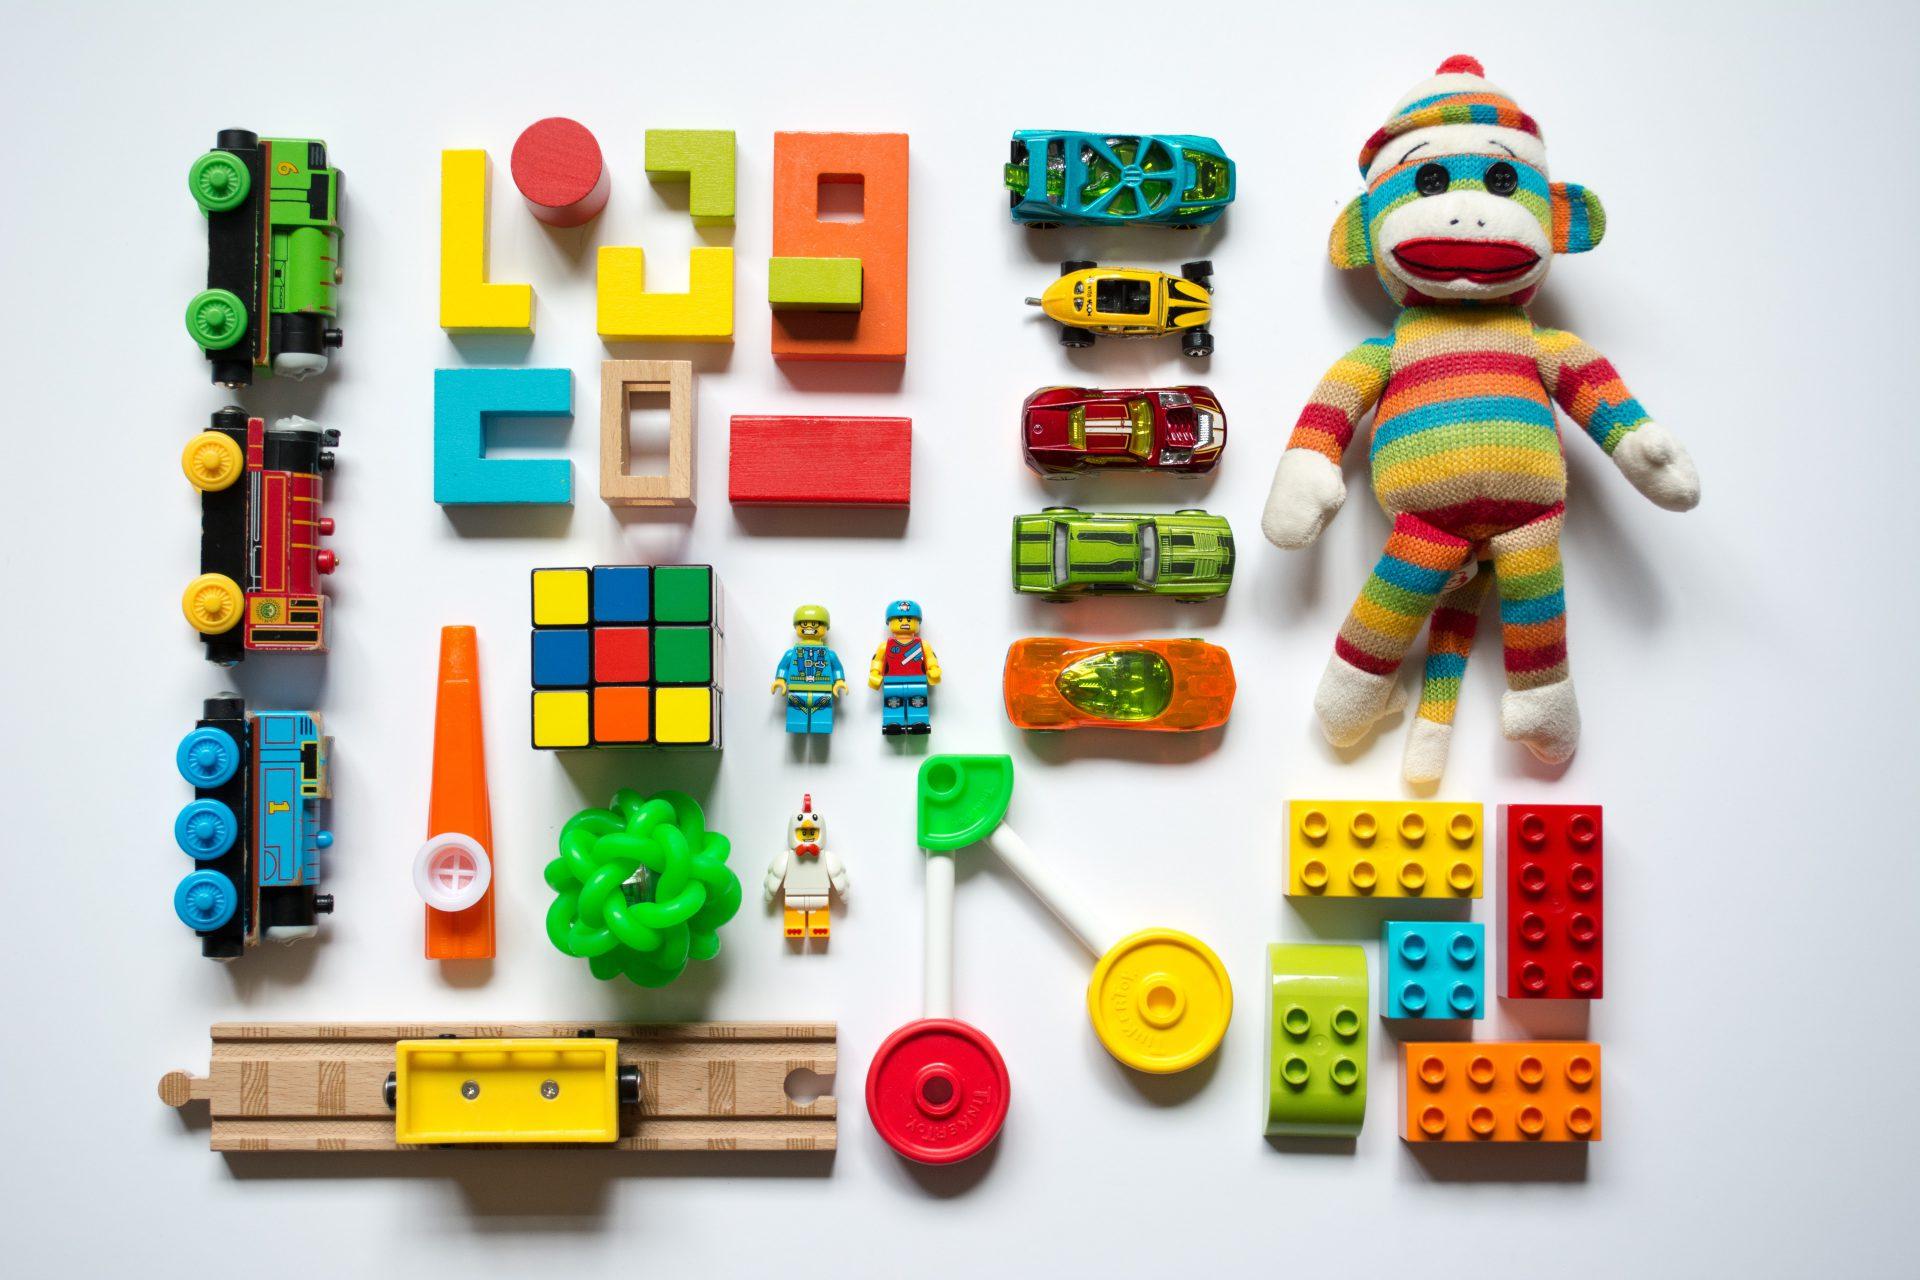 Tanie zabawki do 30 zł